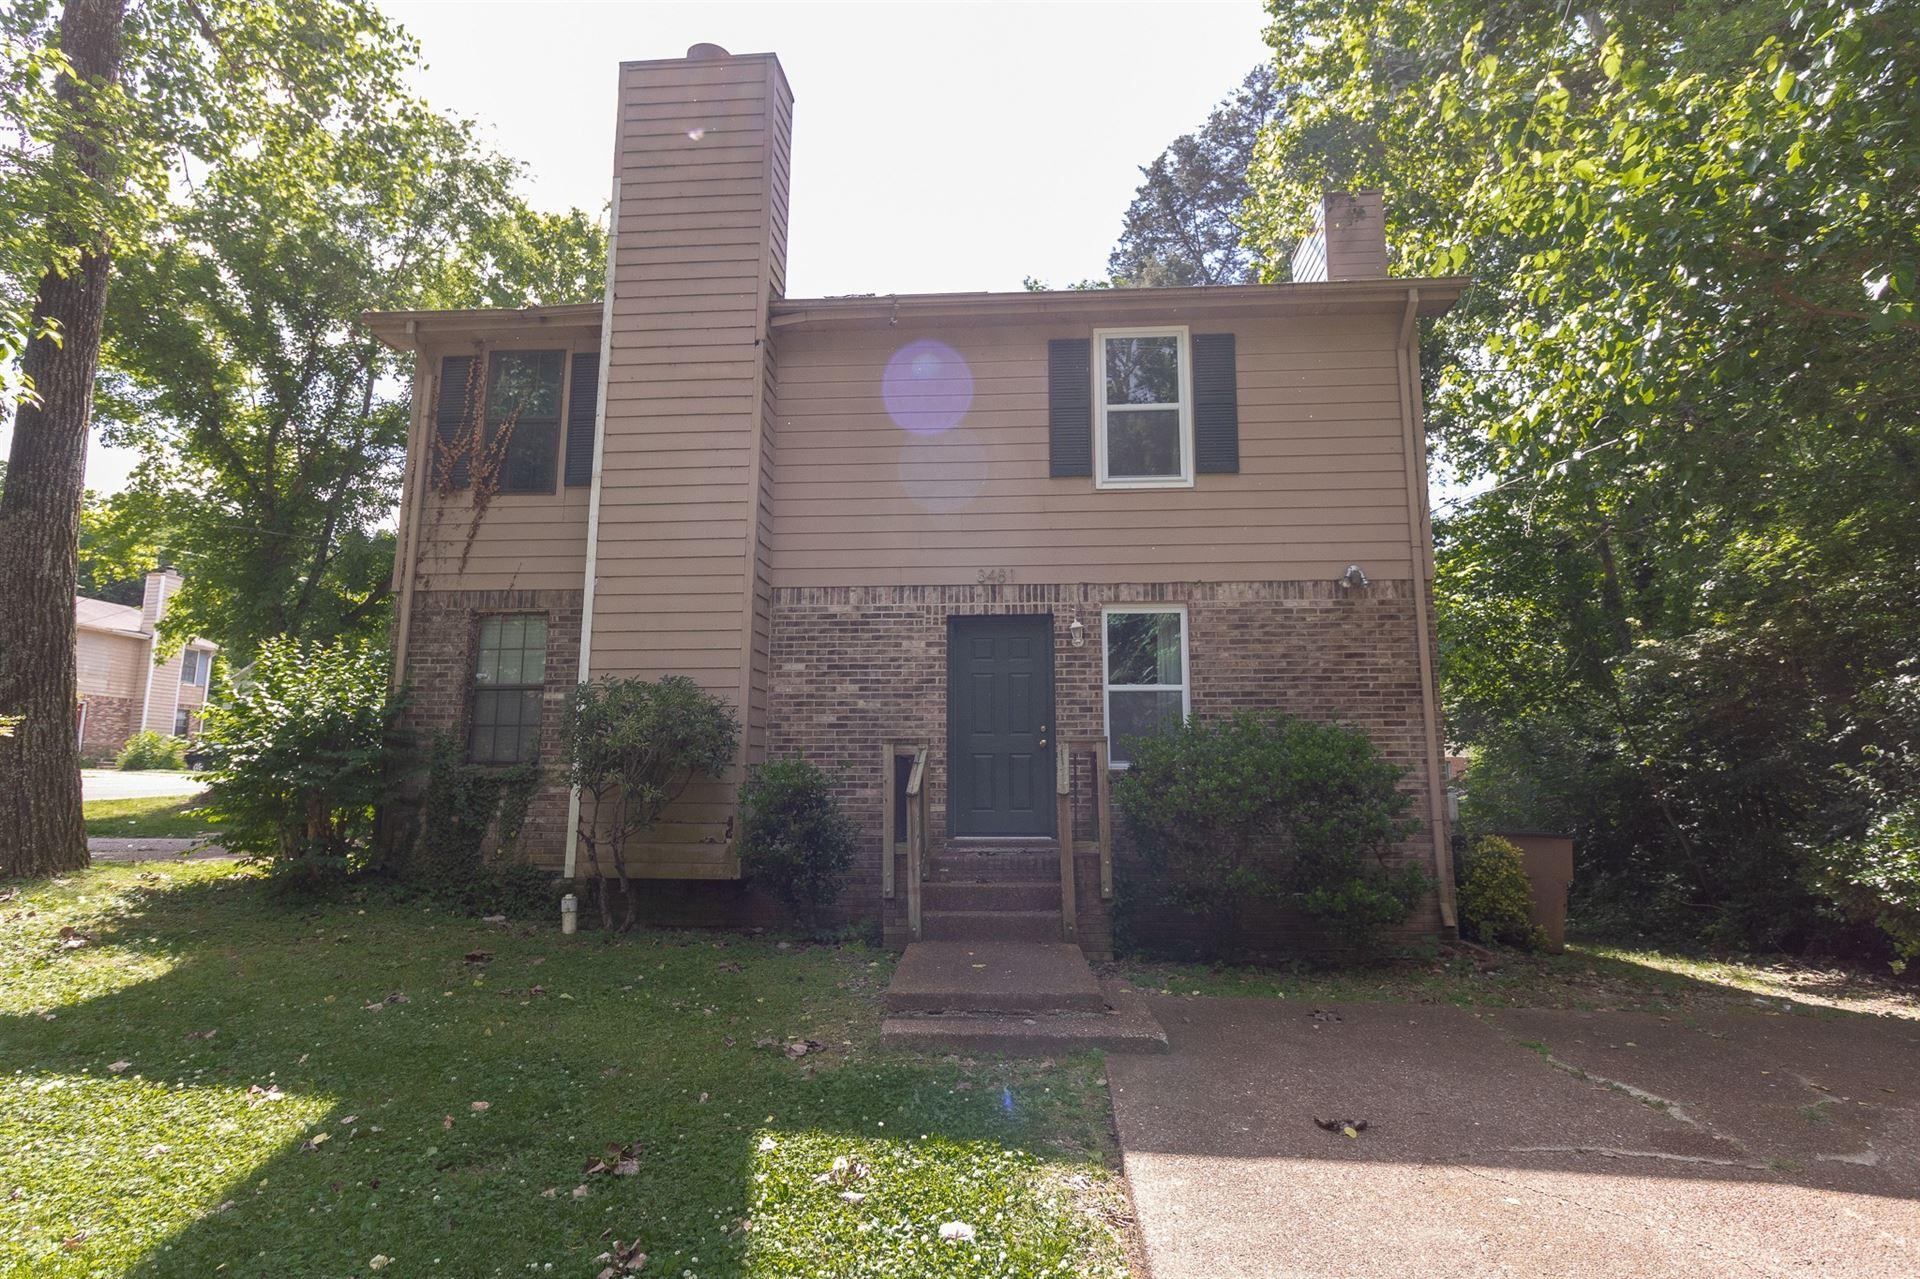 Photo of 3481 McGavock Pike, Nashville, TN 37217 (MLS # 2263472)